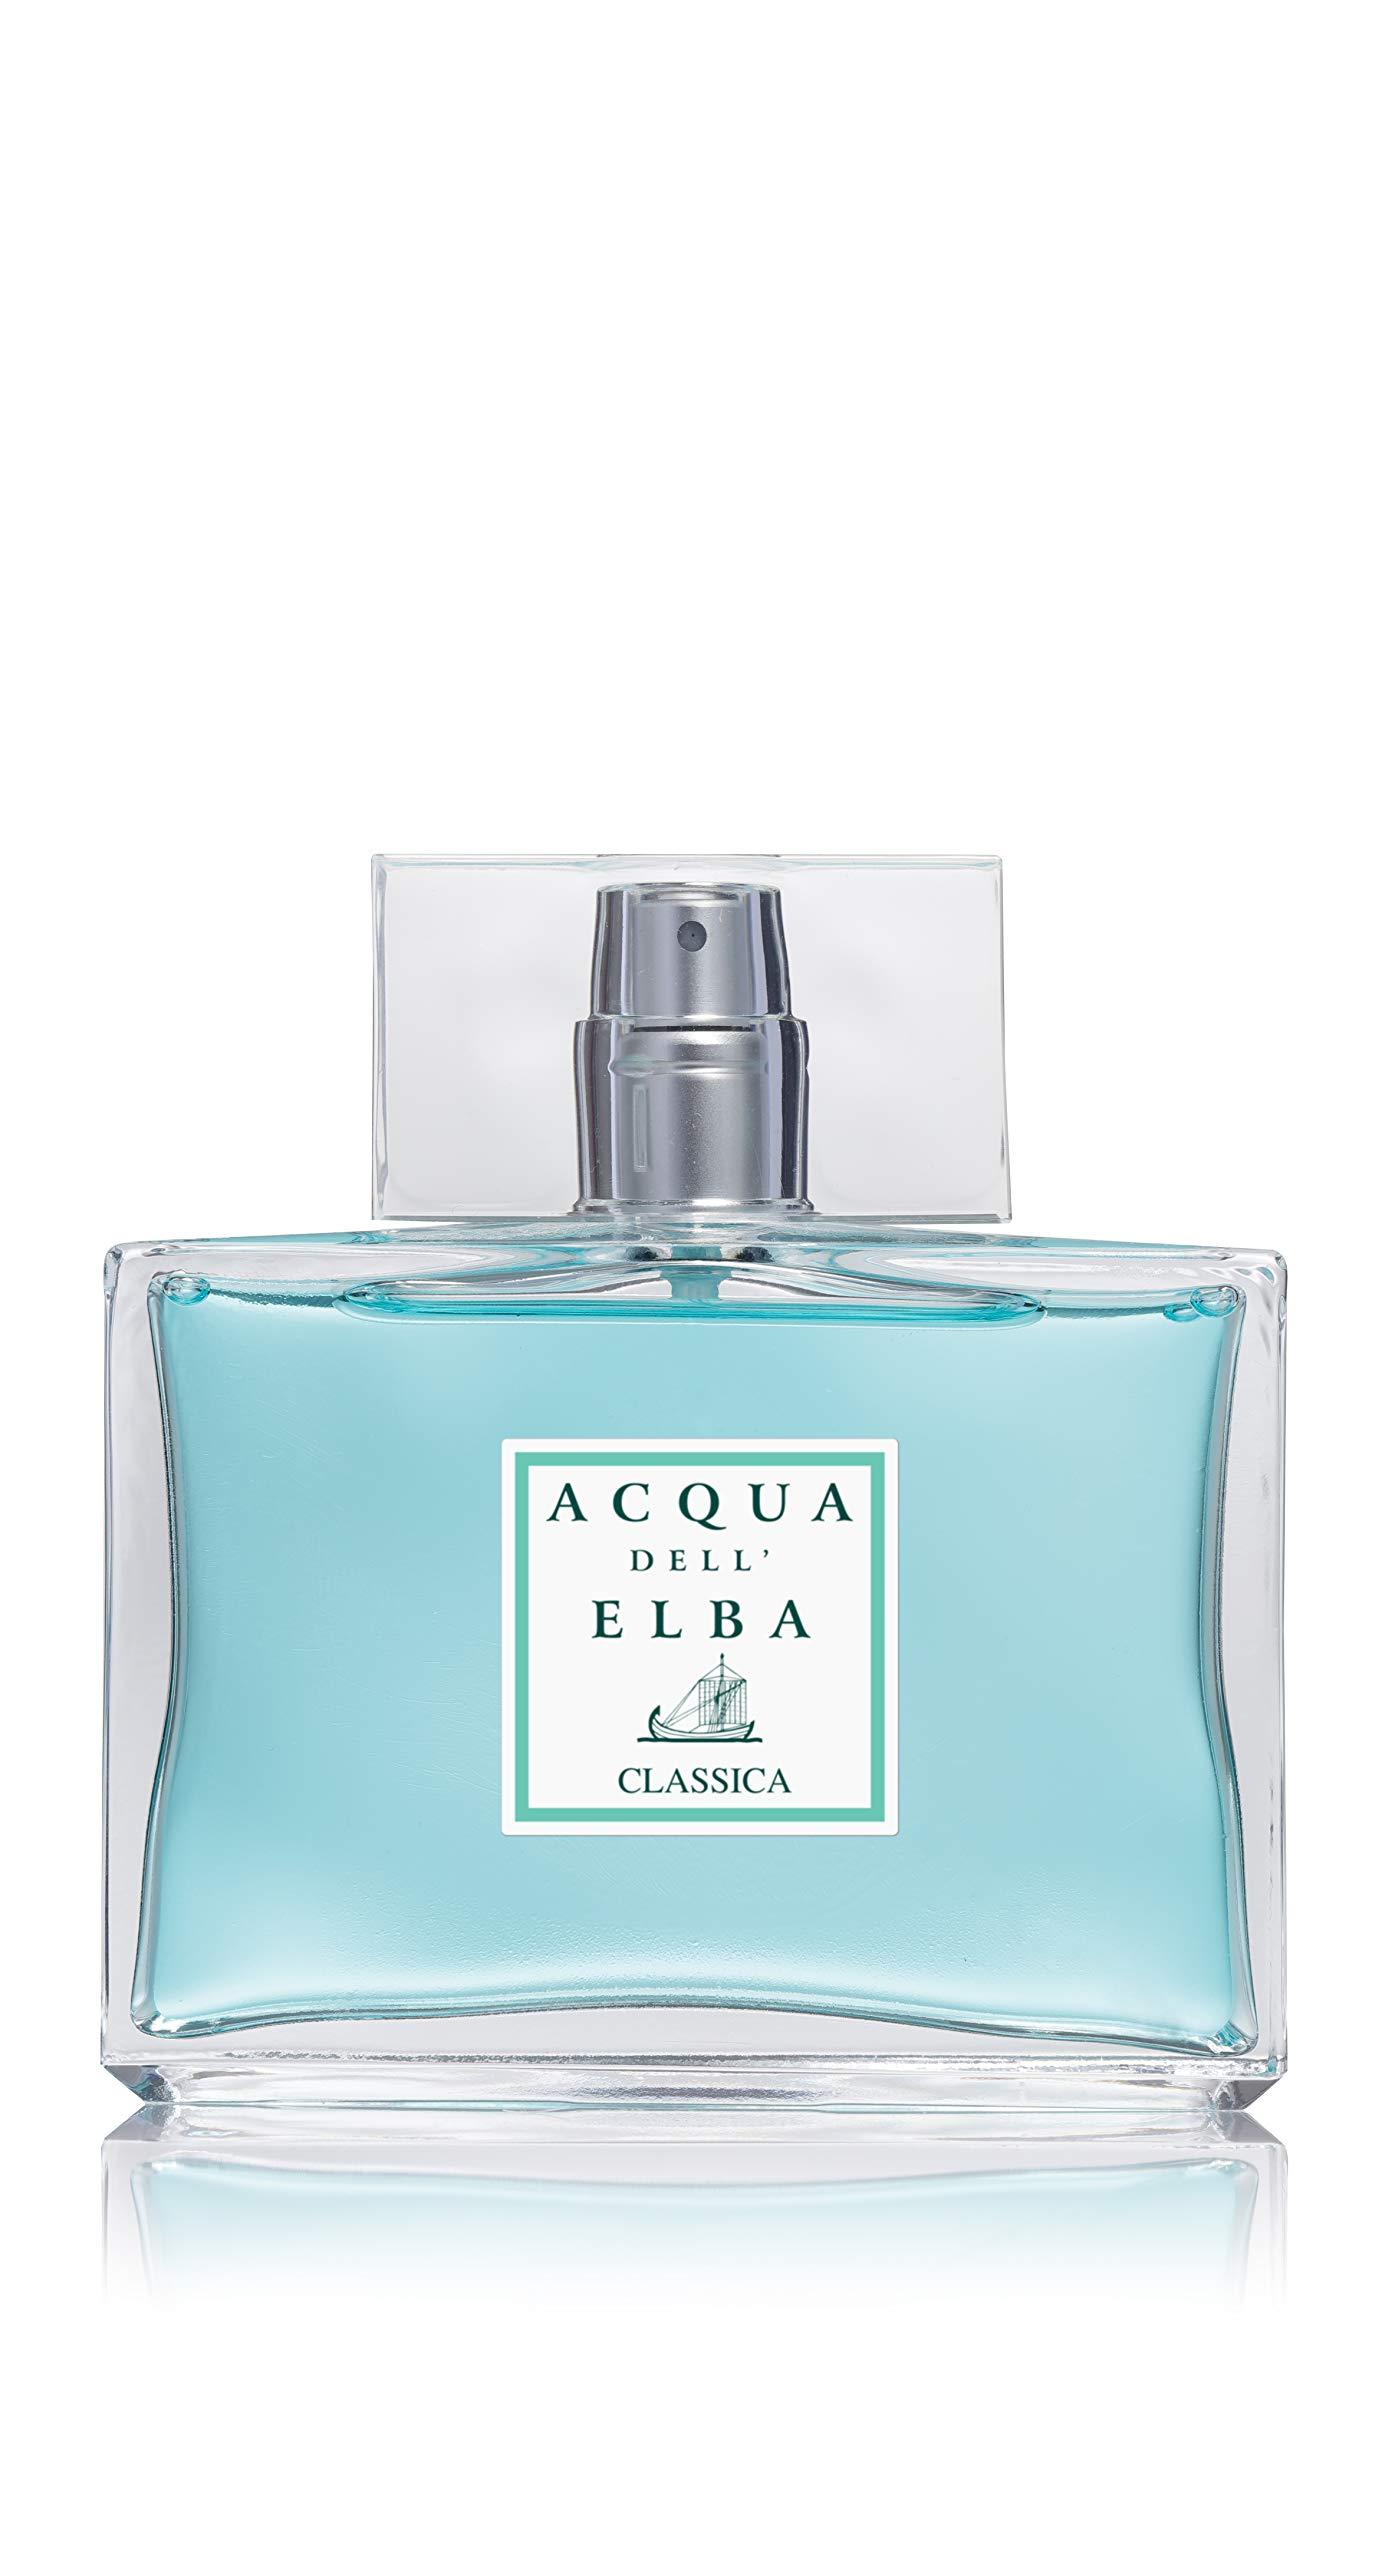 Acqua dell'Elba Classica Uomo Eau de Parfum (For Him & For Her) 50ml